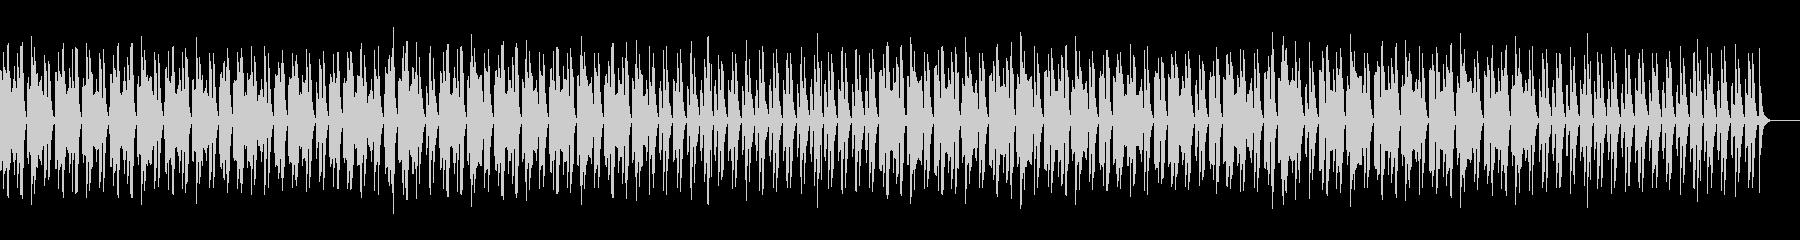 無気力なホルン・マリンバ・コミカルの未再生の波形